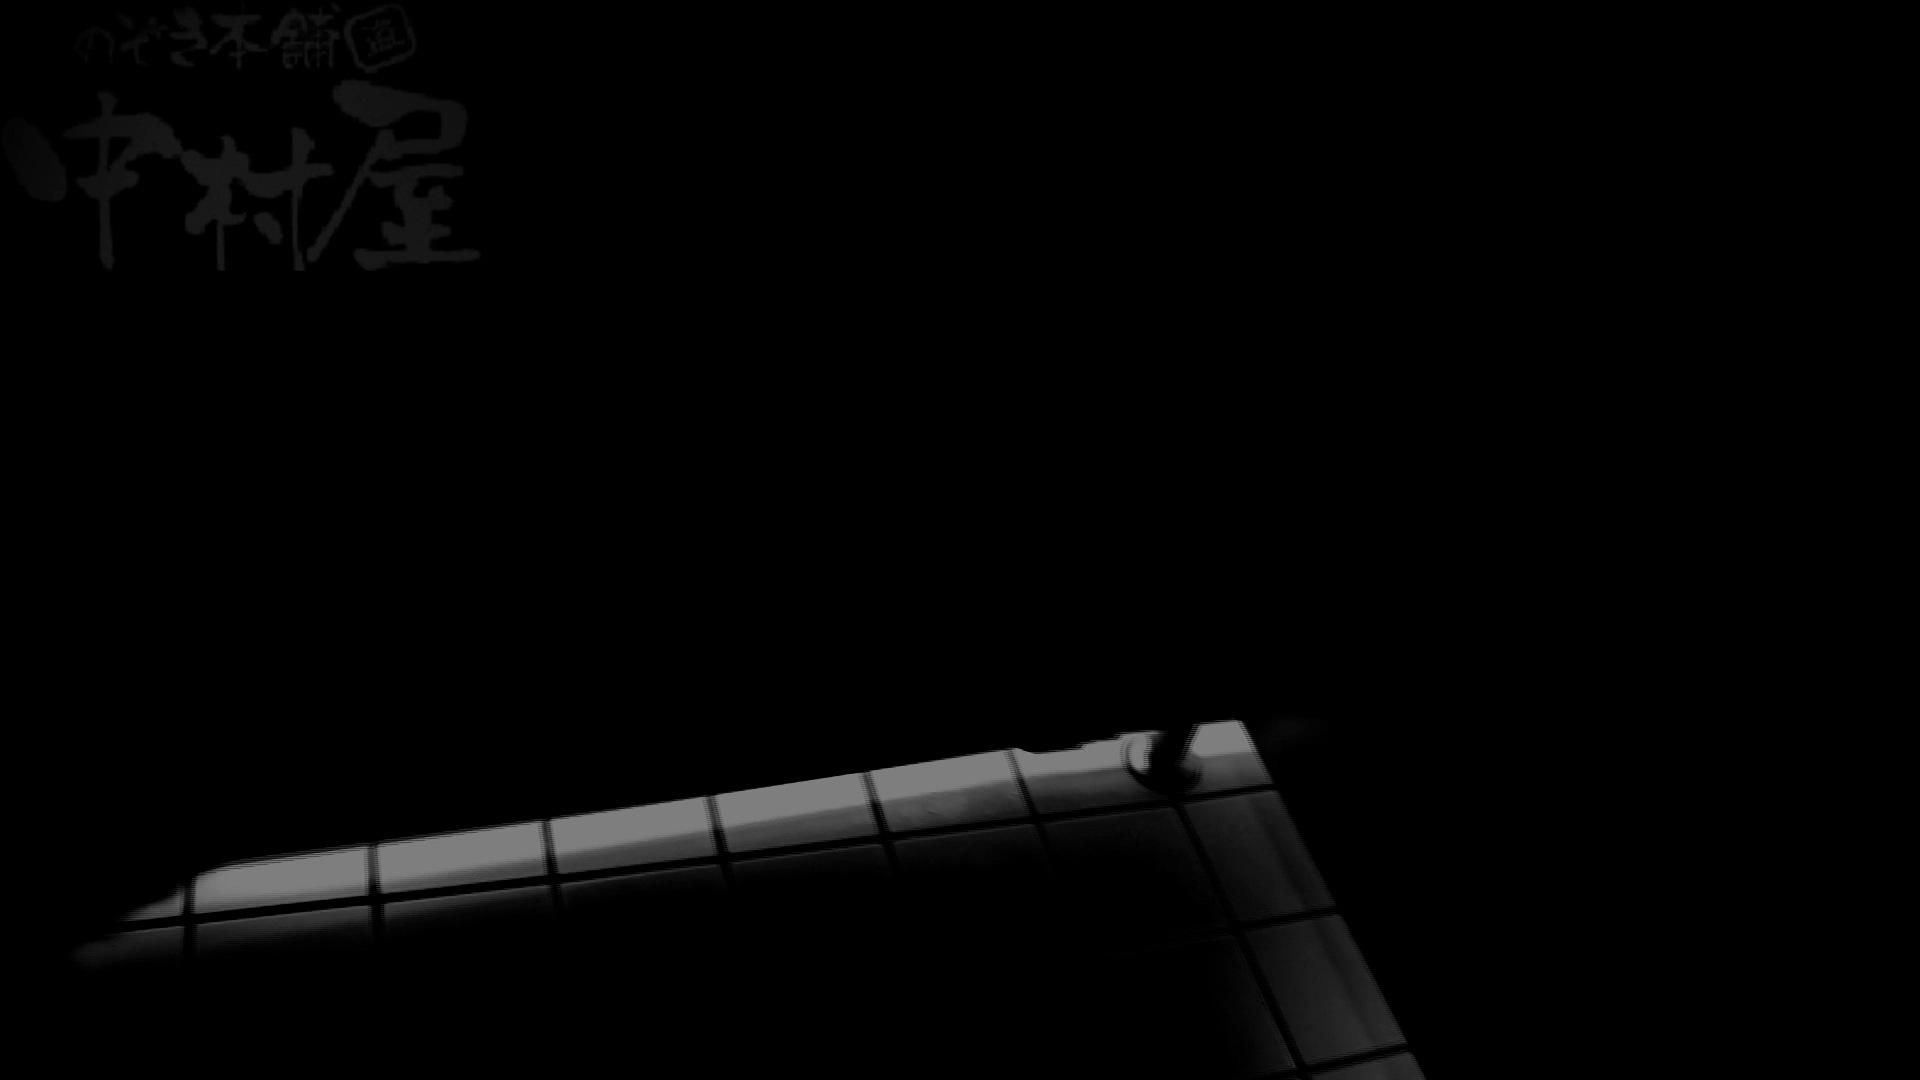 美しい日本の未来 No.22 未来進歩3 感動レベル予告のモデルつい登場か!! 女子トイレ 盗撮動画紹介 60連発 31